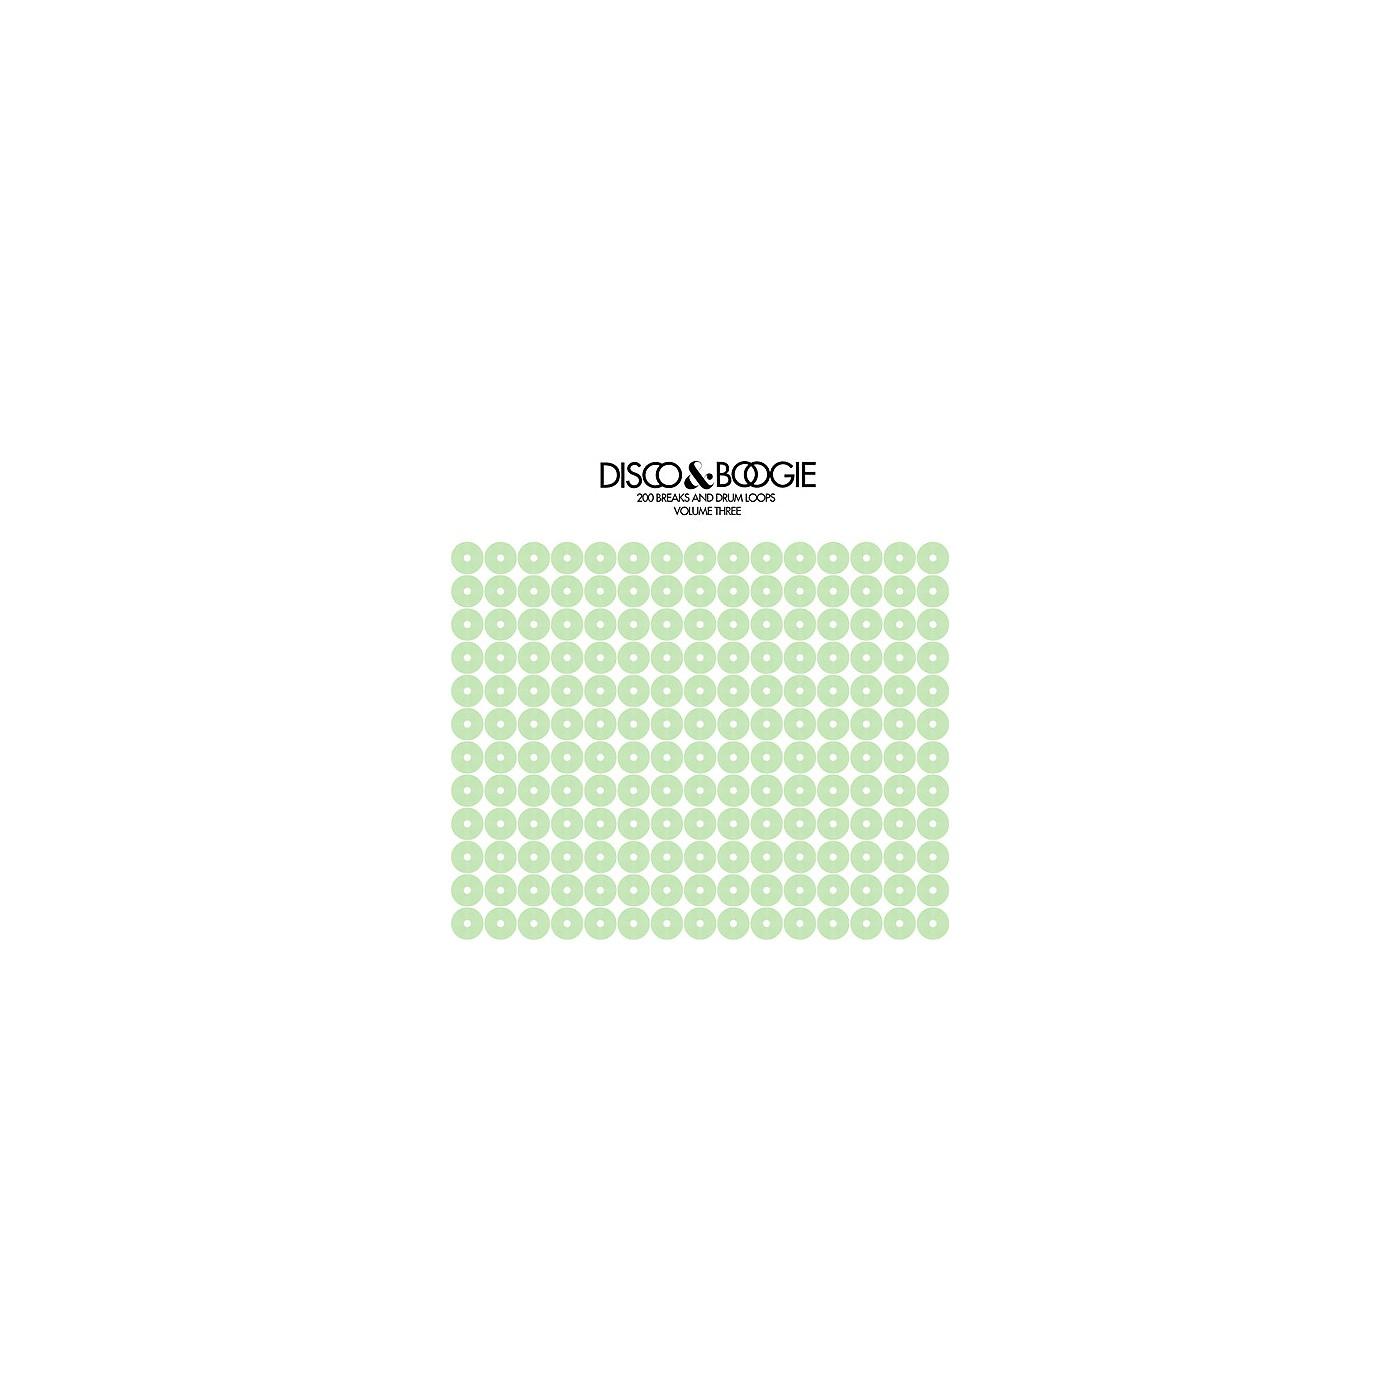 Alliance Disco & Boogie - 200 Breaks & Drum Loops 3 thumbnail